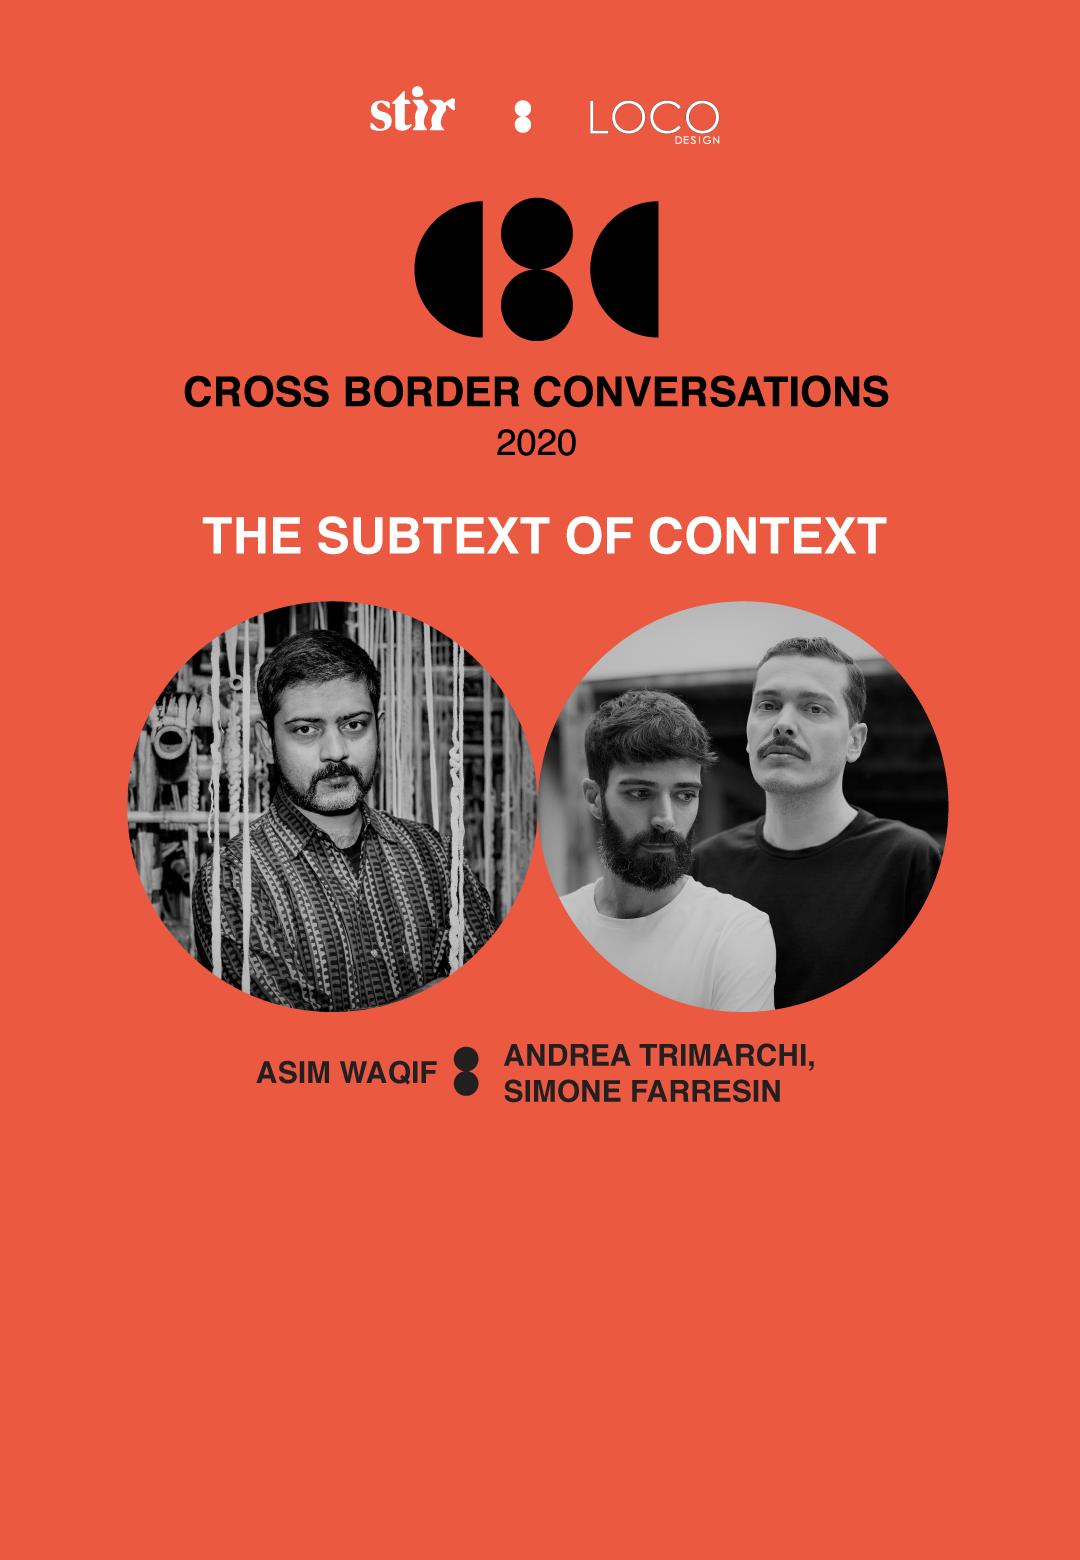 Cross Border Conversations | Studio Formafantasma X Asim Waqif | STIR X LOCO Design